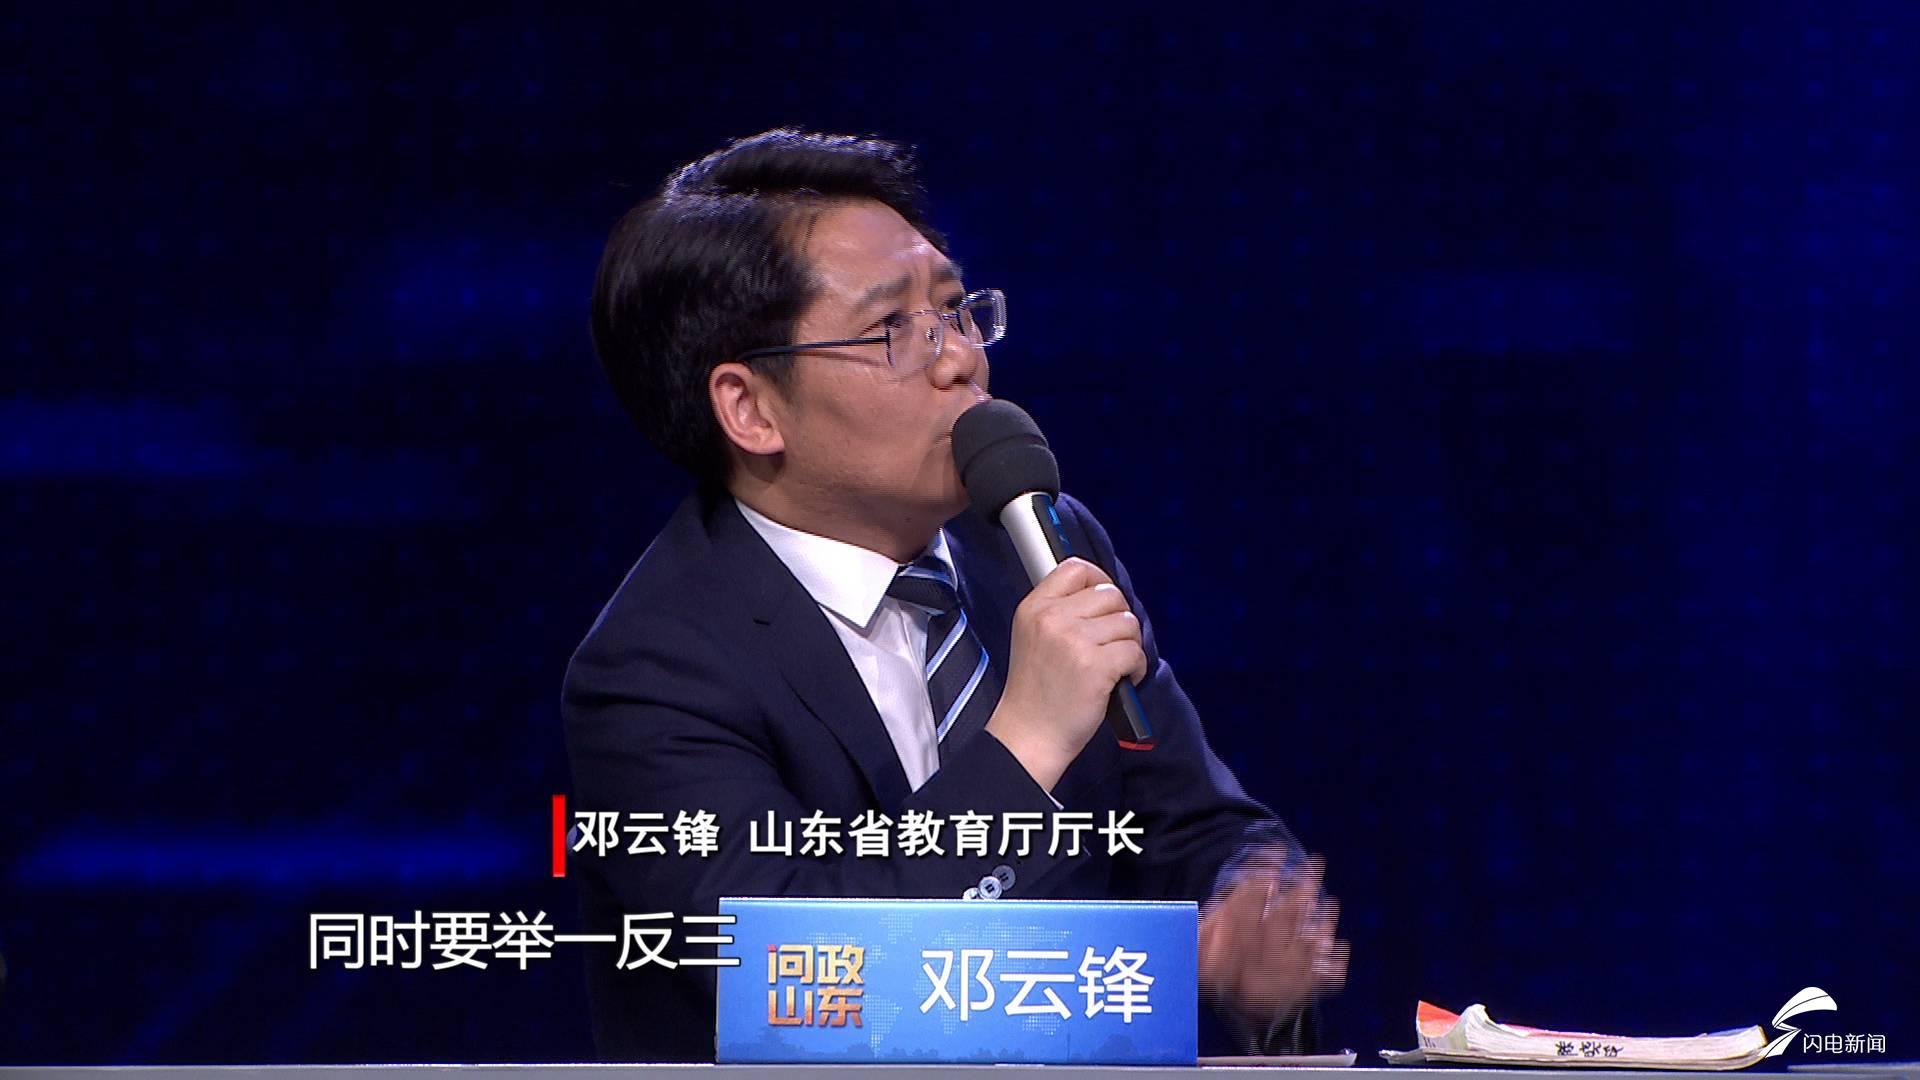 邓云锋举一反三.JPG